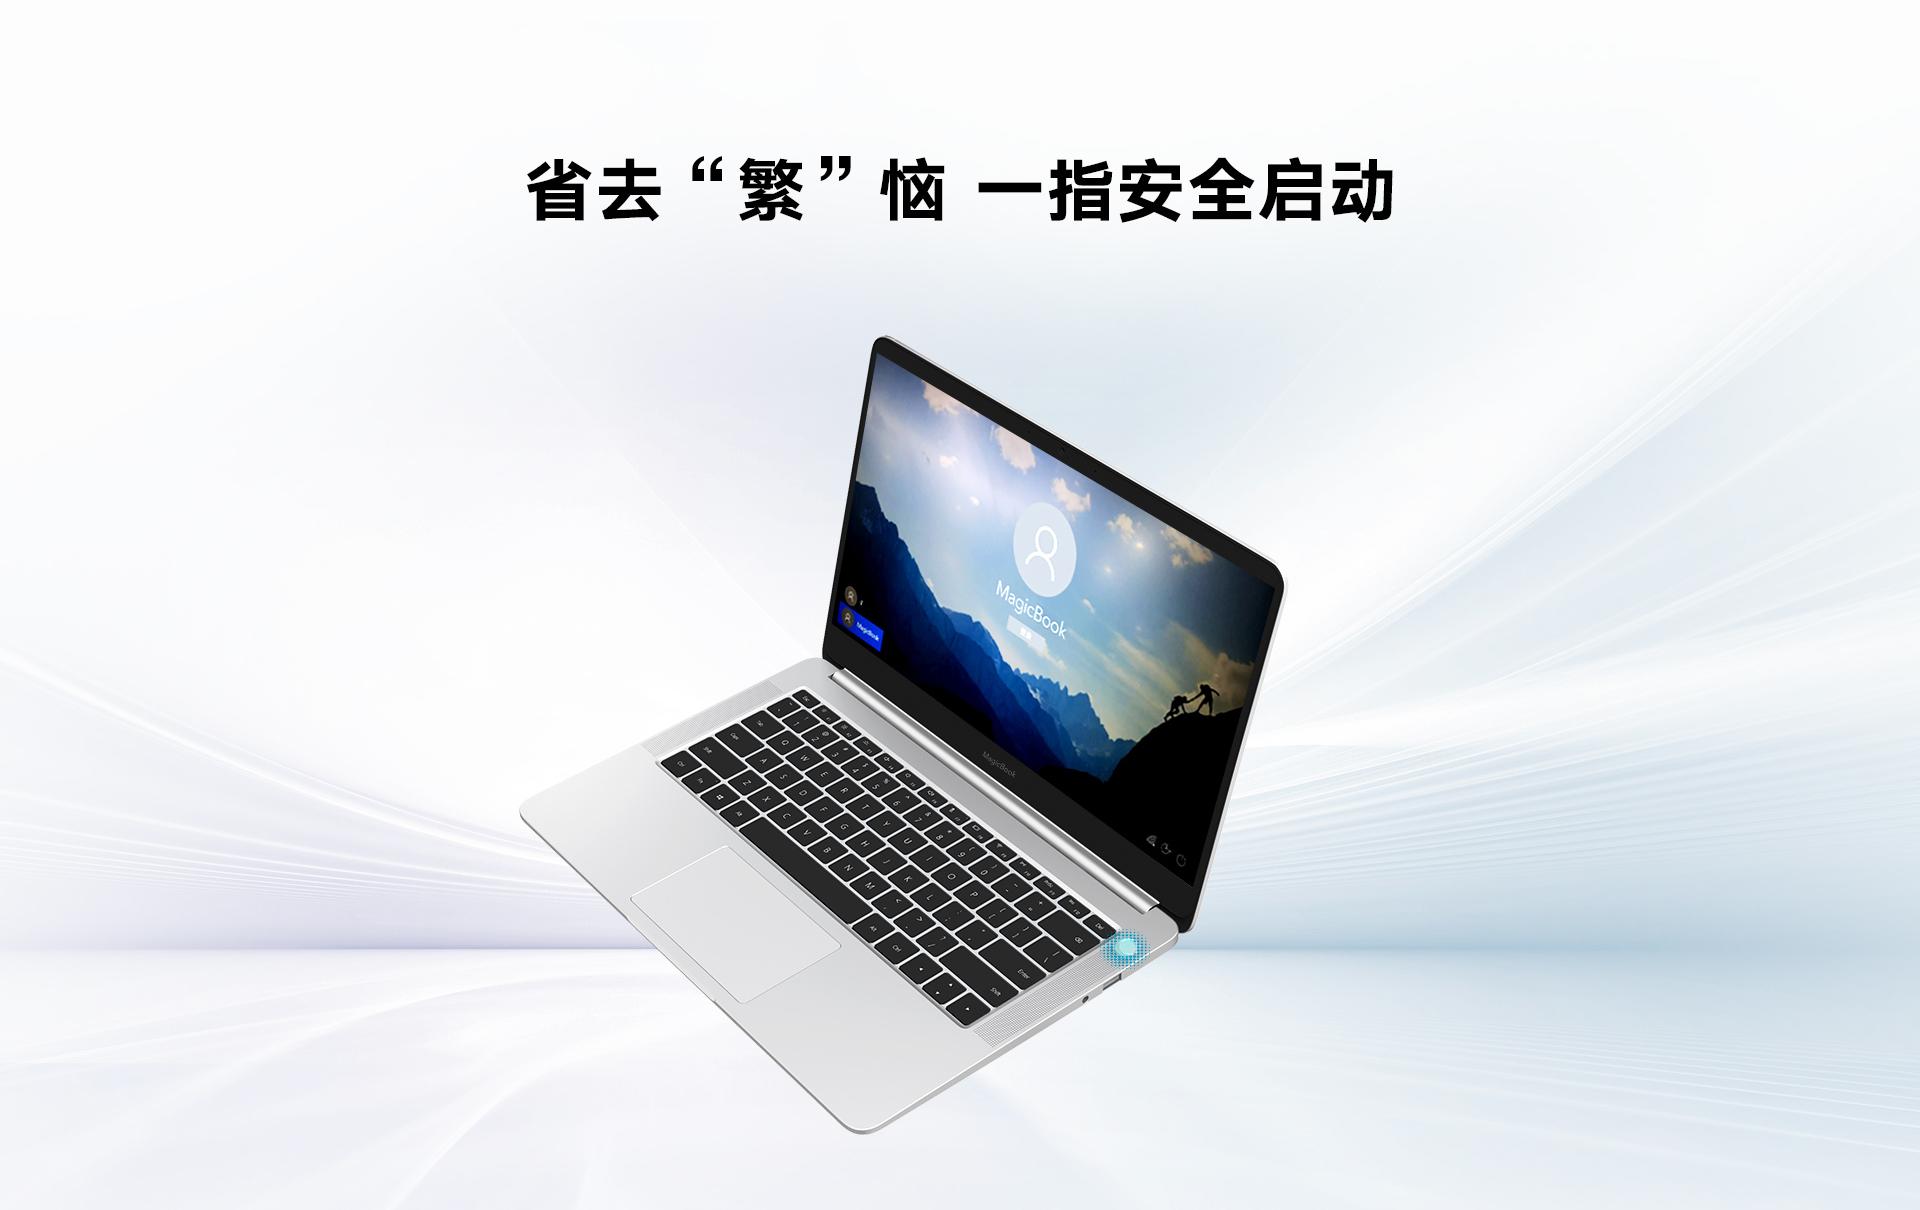 Honor MagicBook 2019 ufficiale con AMD Ryzen 5 3500U, 8 GB di RAM e 512 GB di SSD 1